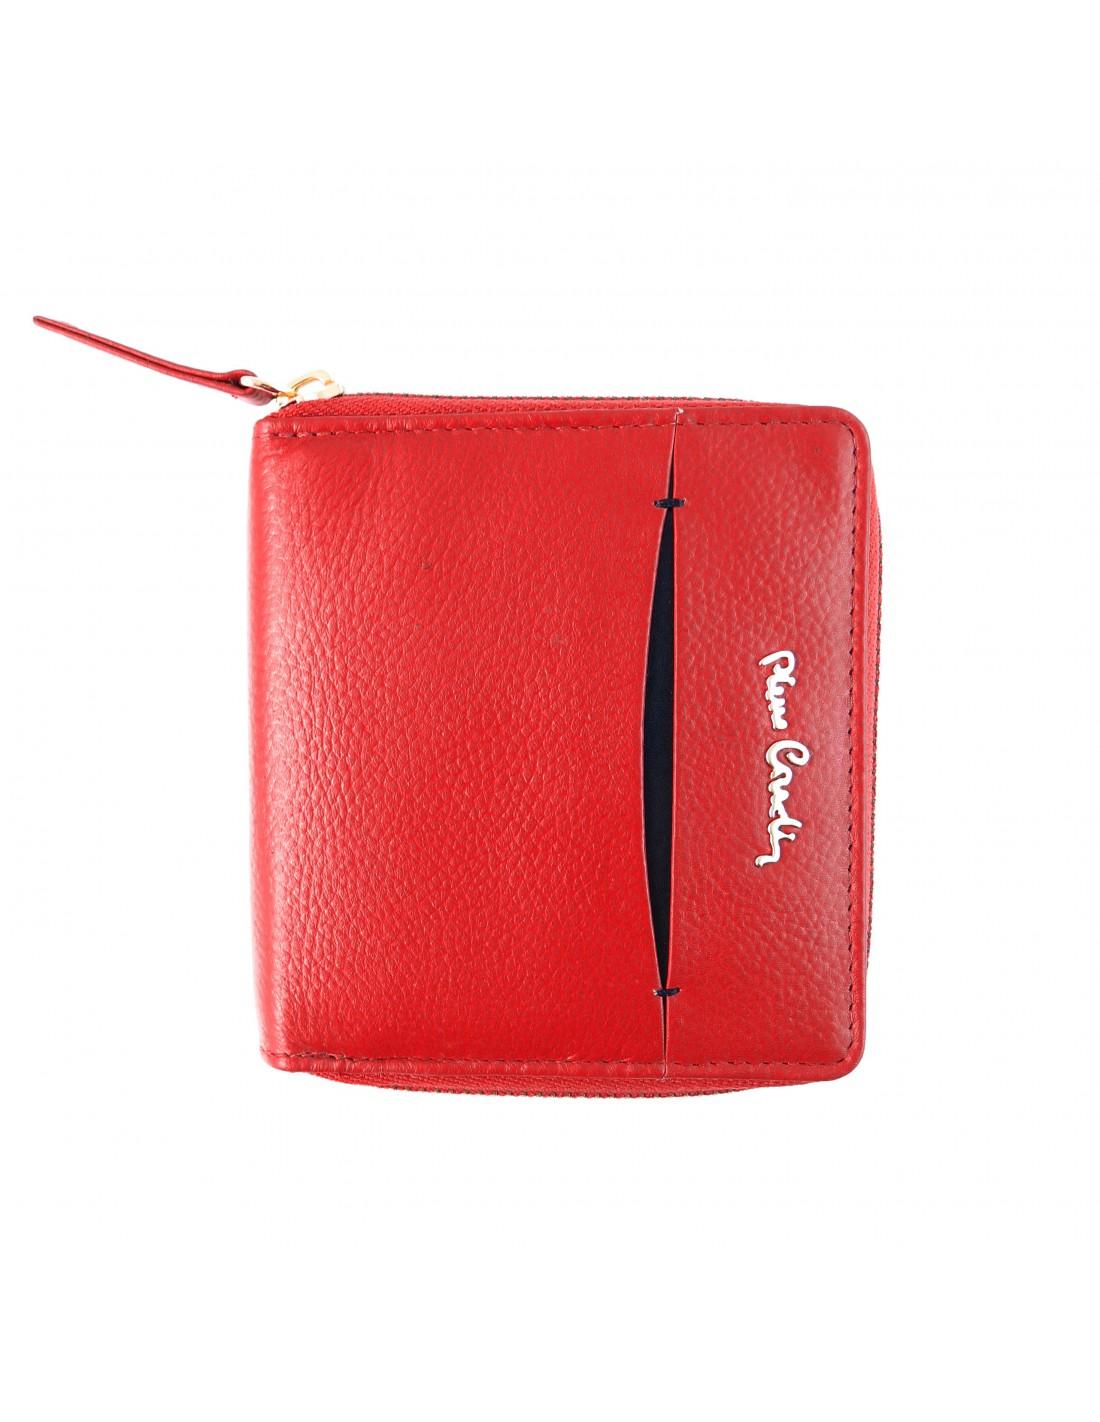 2941b745be368 Skórzany czerwony damski portfelik Pierre Cardin PFD1